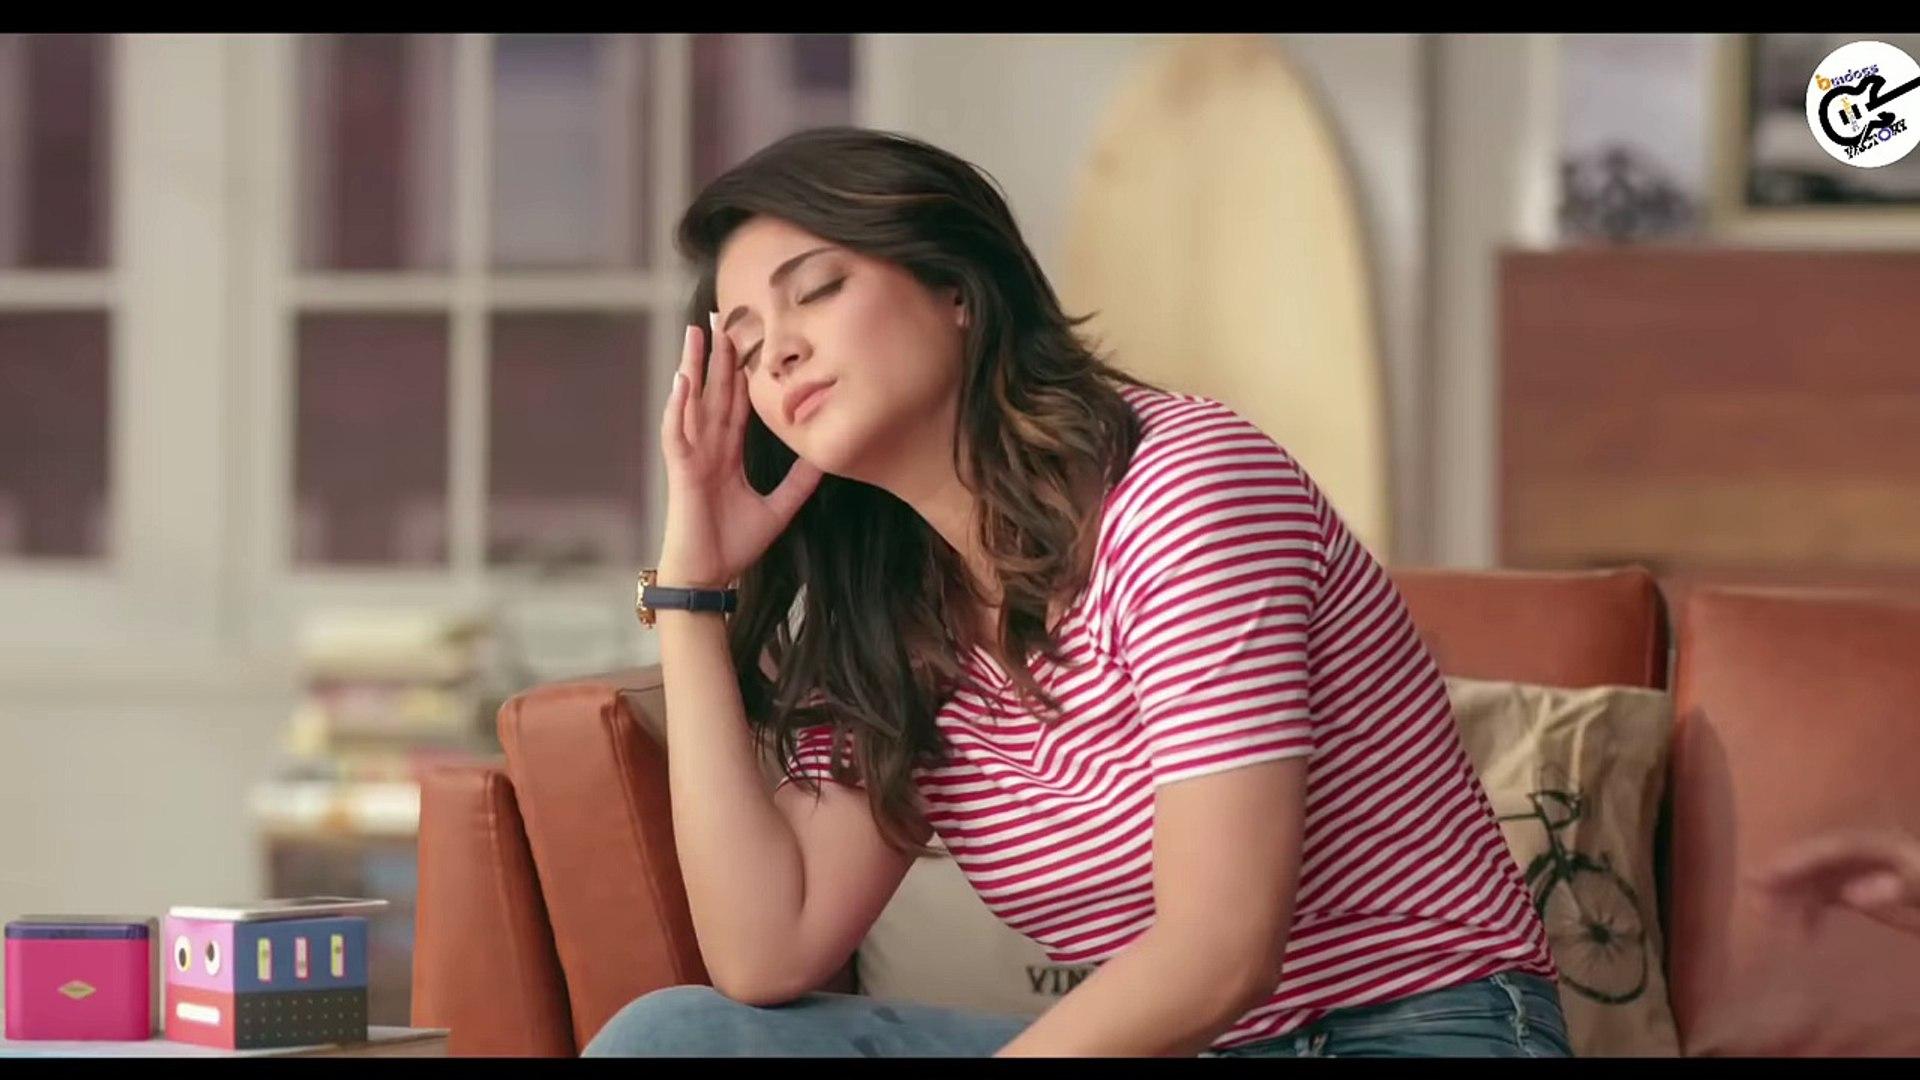 Deewano Sa Haal Hua Ft. Varun Dhawan & Shruti Haasan - Best of 2018, Romantic Song 2018,    Hind